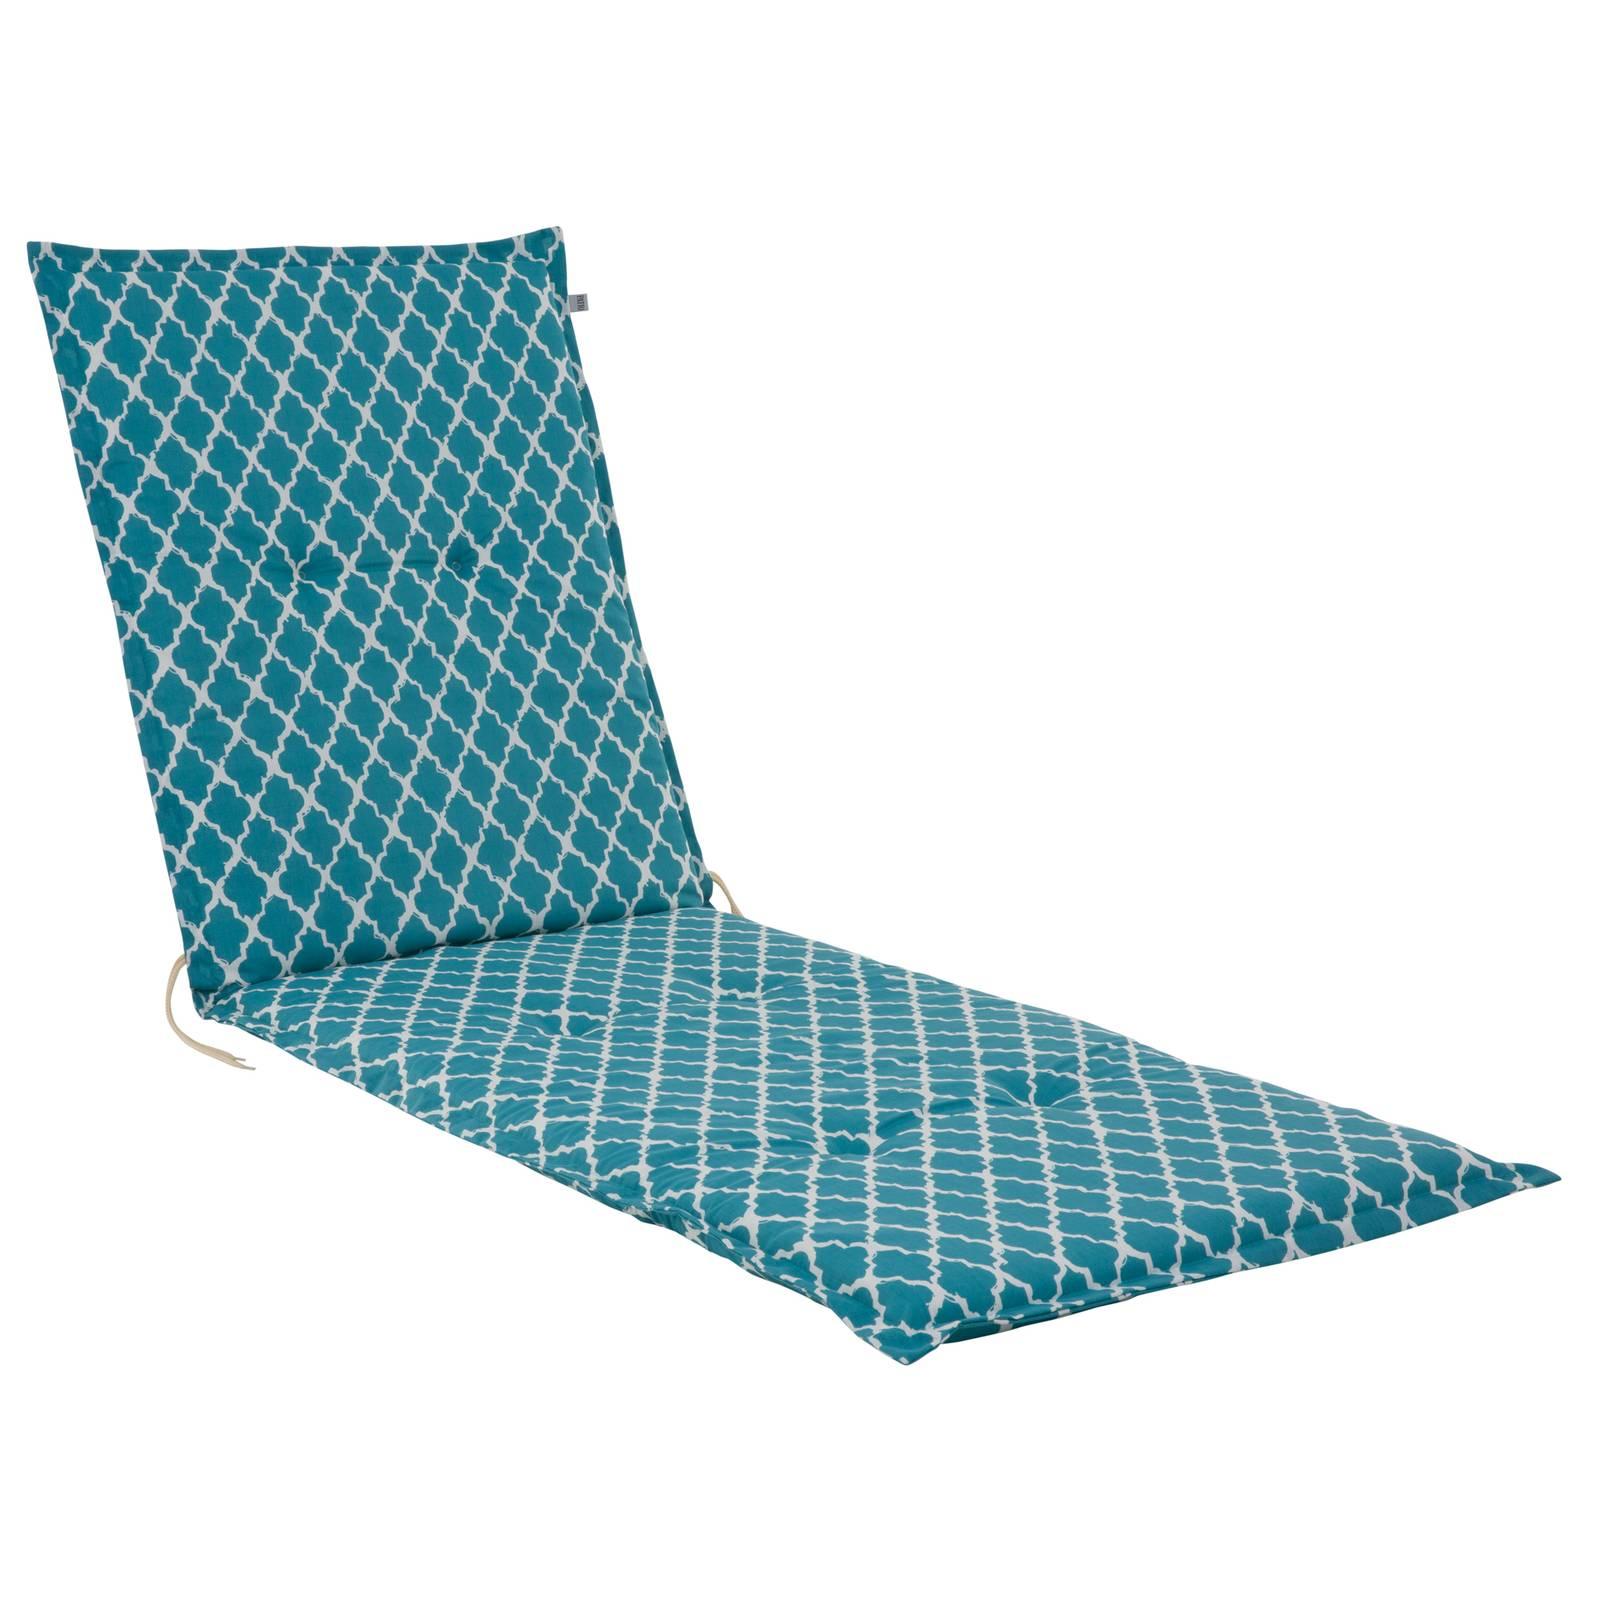 Poduszka na leżak / łóżko Malezja Liege 5 cm H030-21PB PATIO